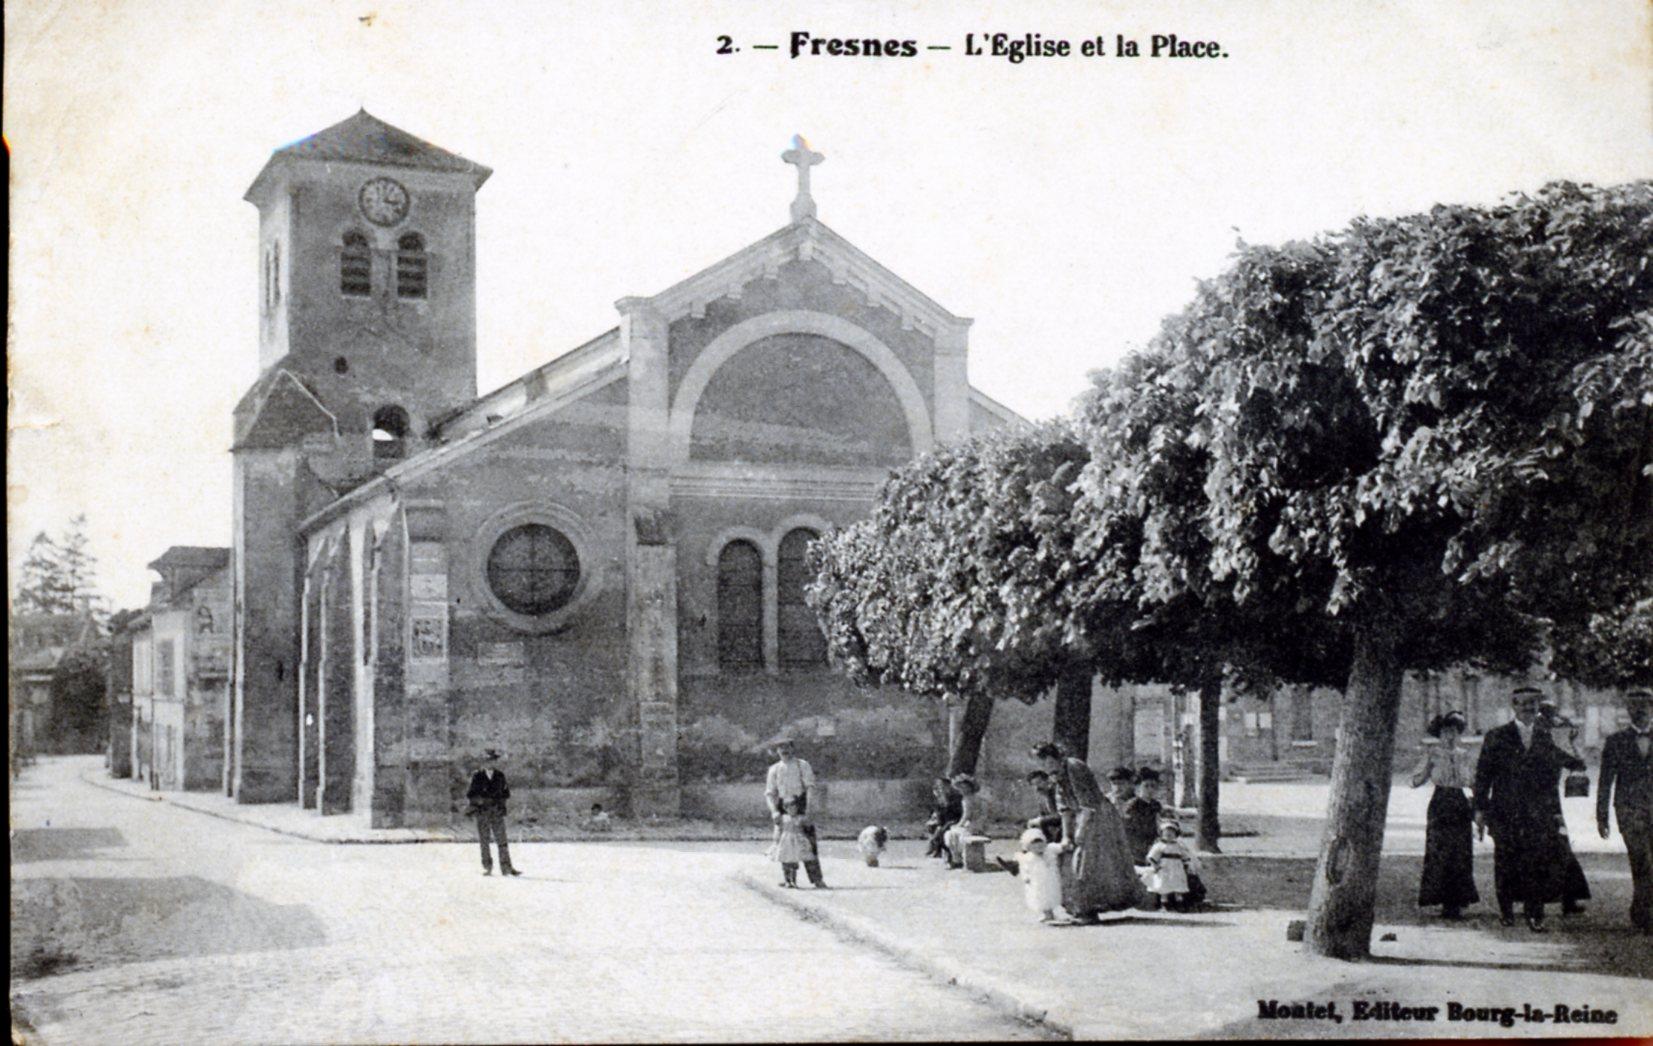 Photo fresnes 94260 l 39 glise et la place vers 1914 - Meteo fresnes 94260 ...